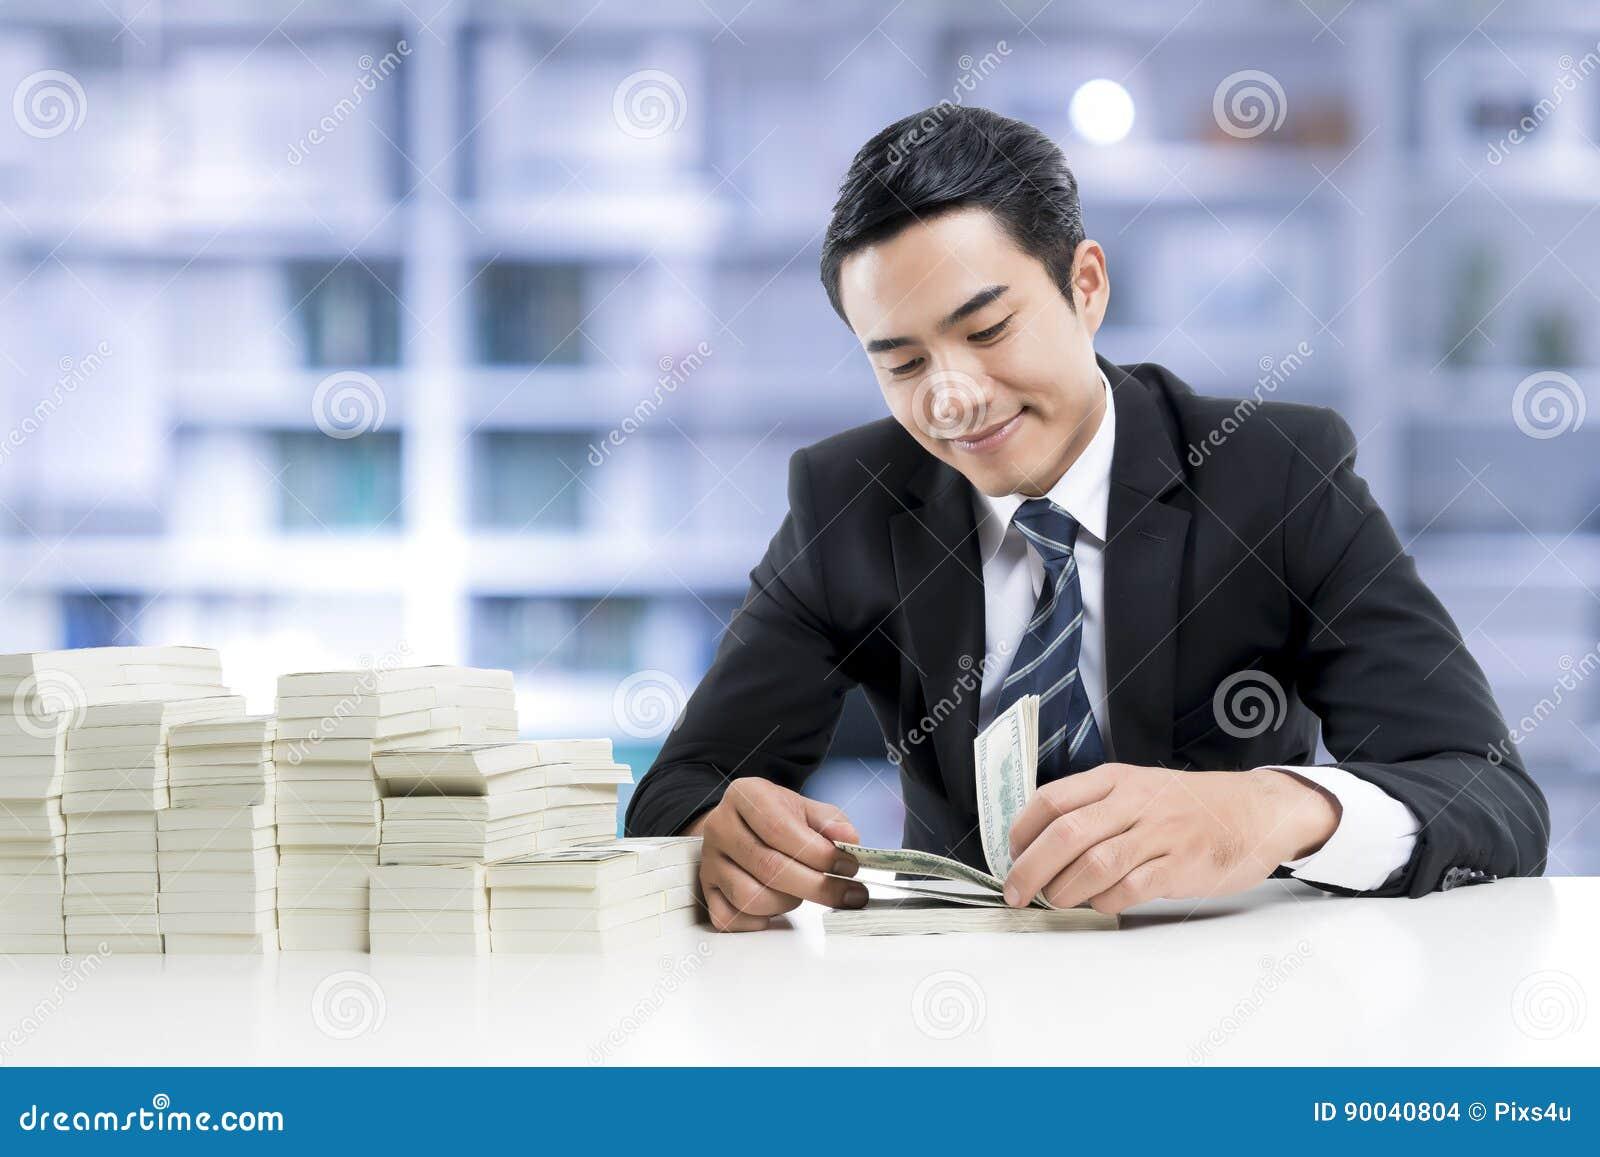 De jonge bankier telt bankbiljetten op de achtergrond van het bankbureau